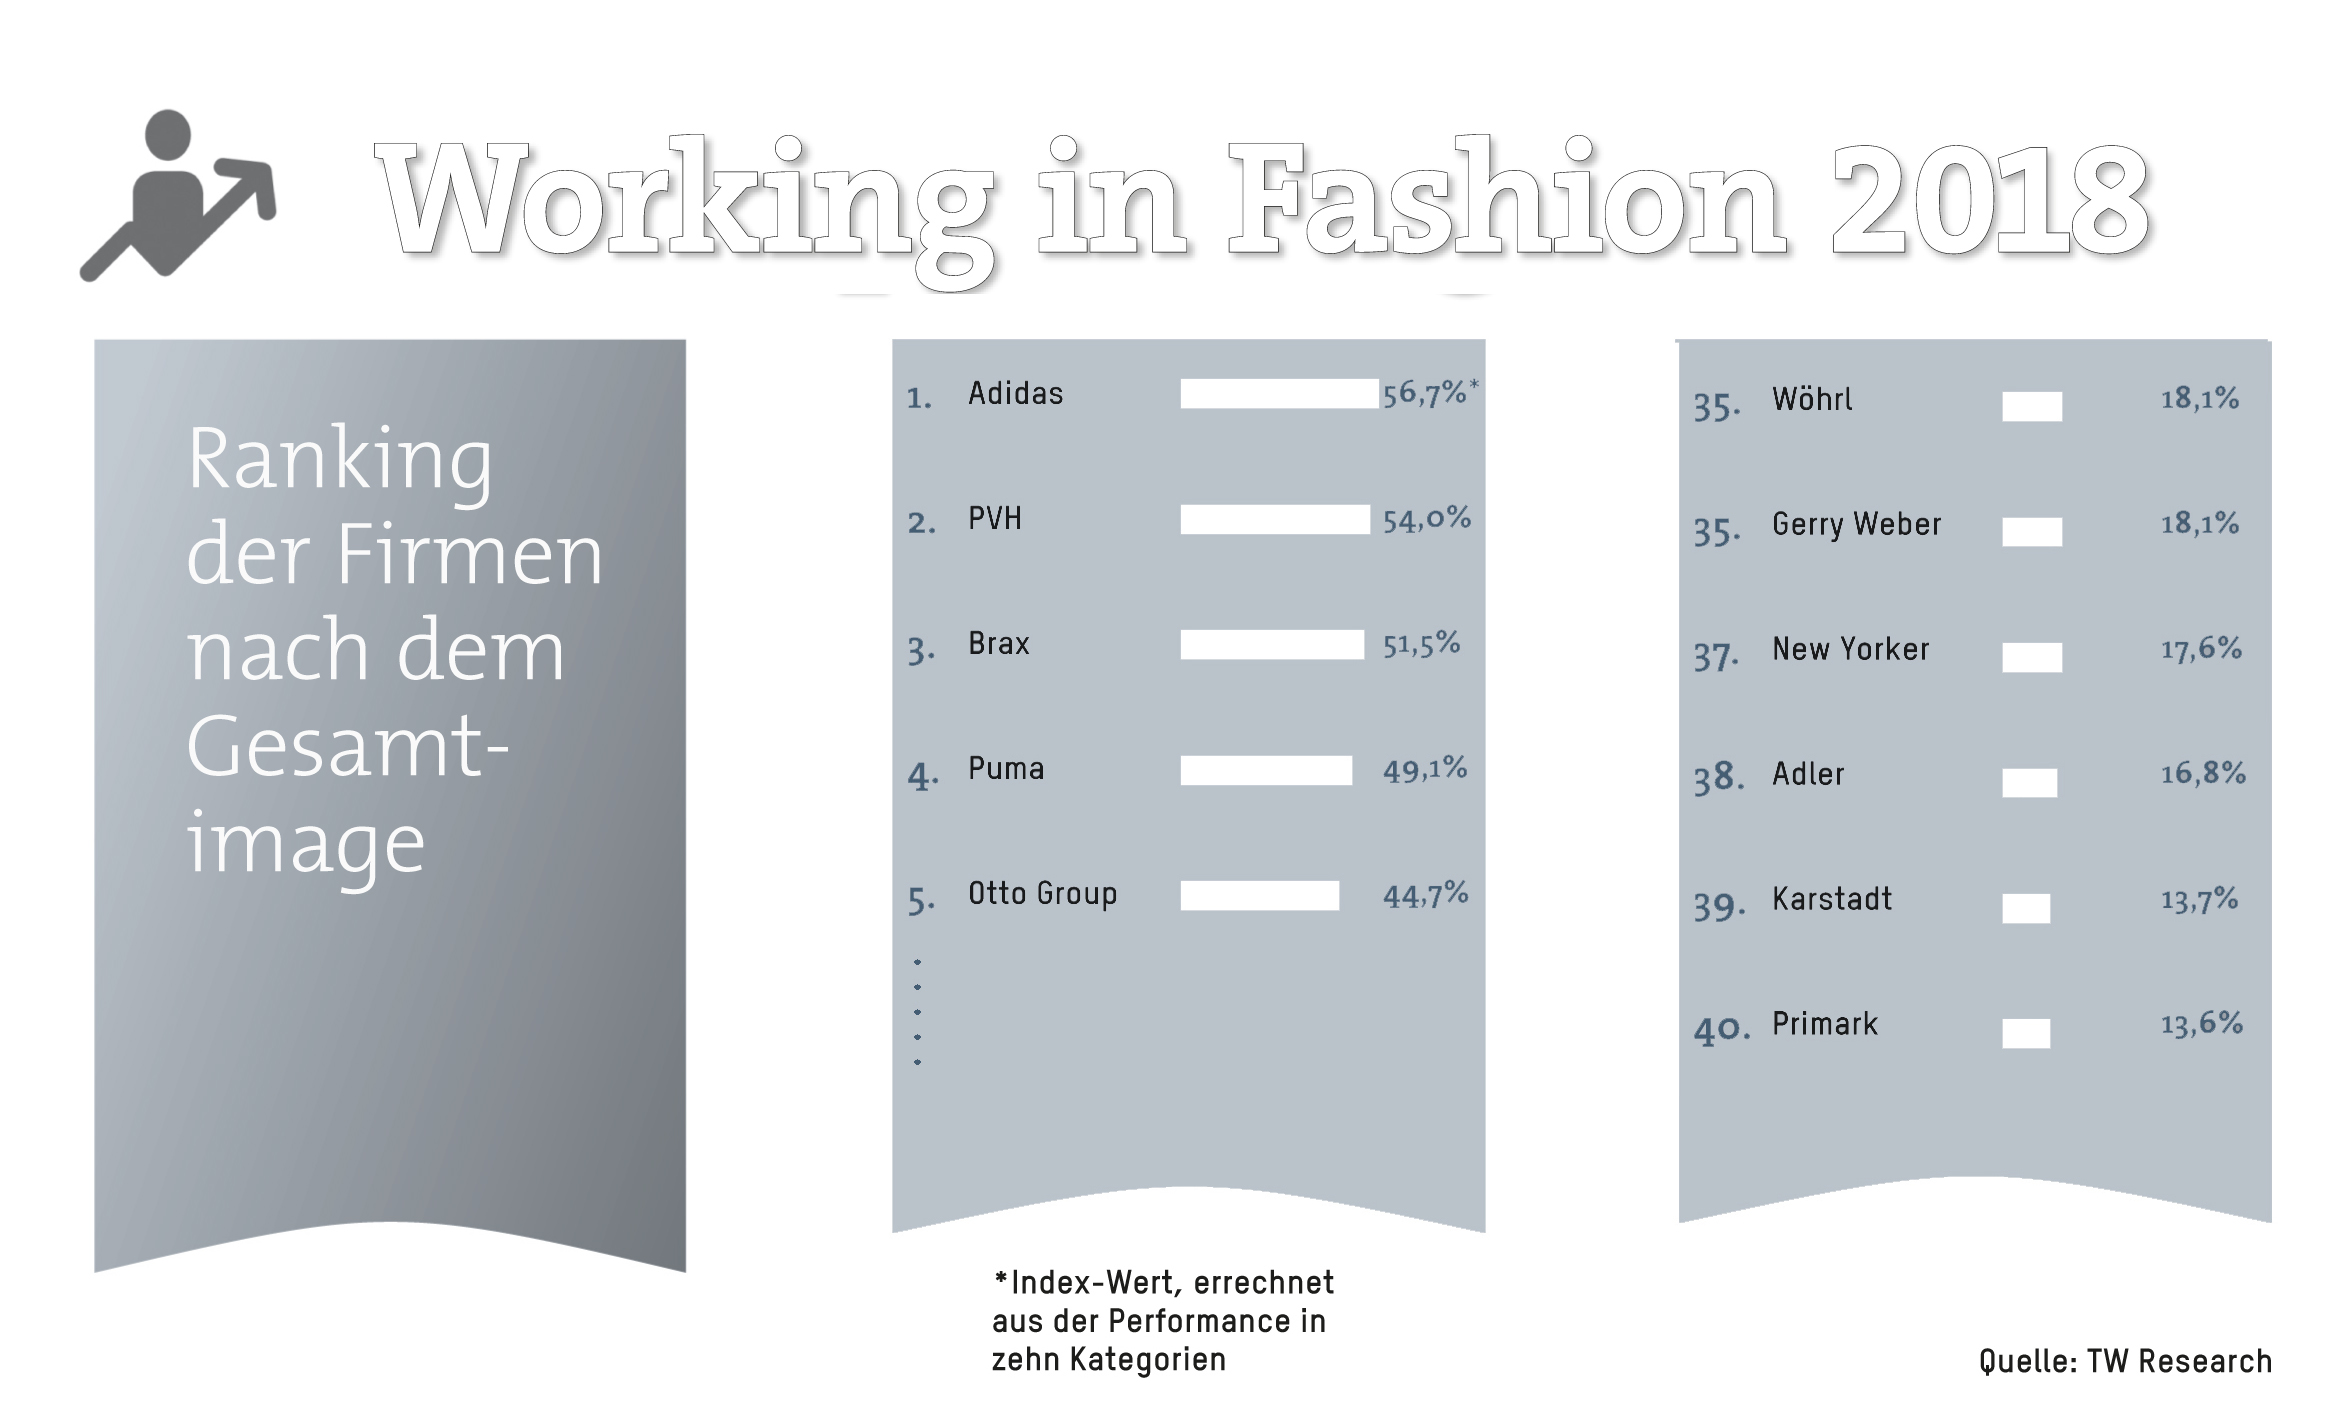 adidas ist deutschlands beliebtester mode arbeitgeber auf den nchsten pltzen im image ranking folgen die pvh gruppe ua tommy hilfiger calvin klein - Primark Online Bewerbung